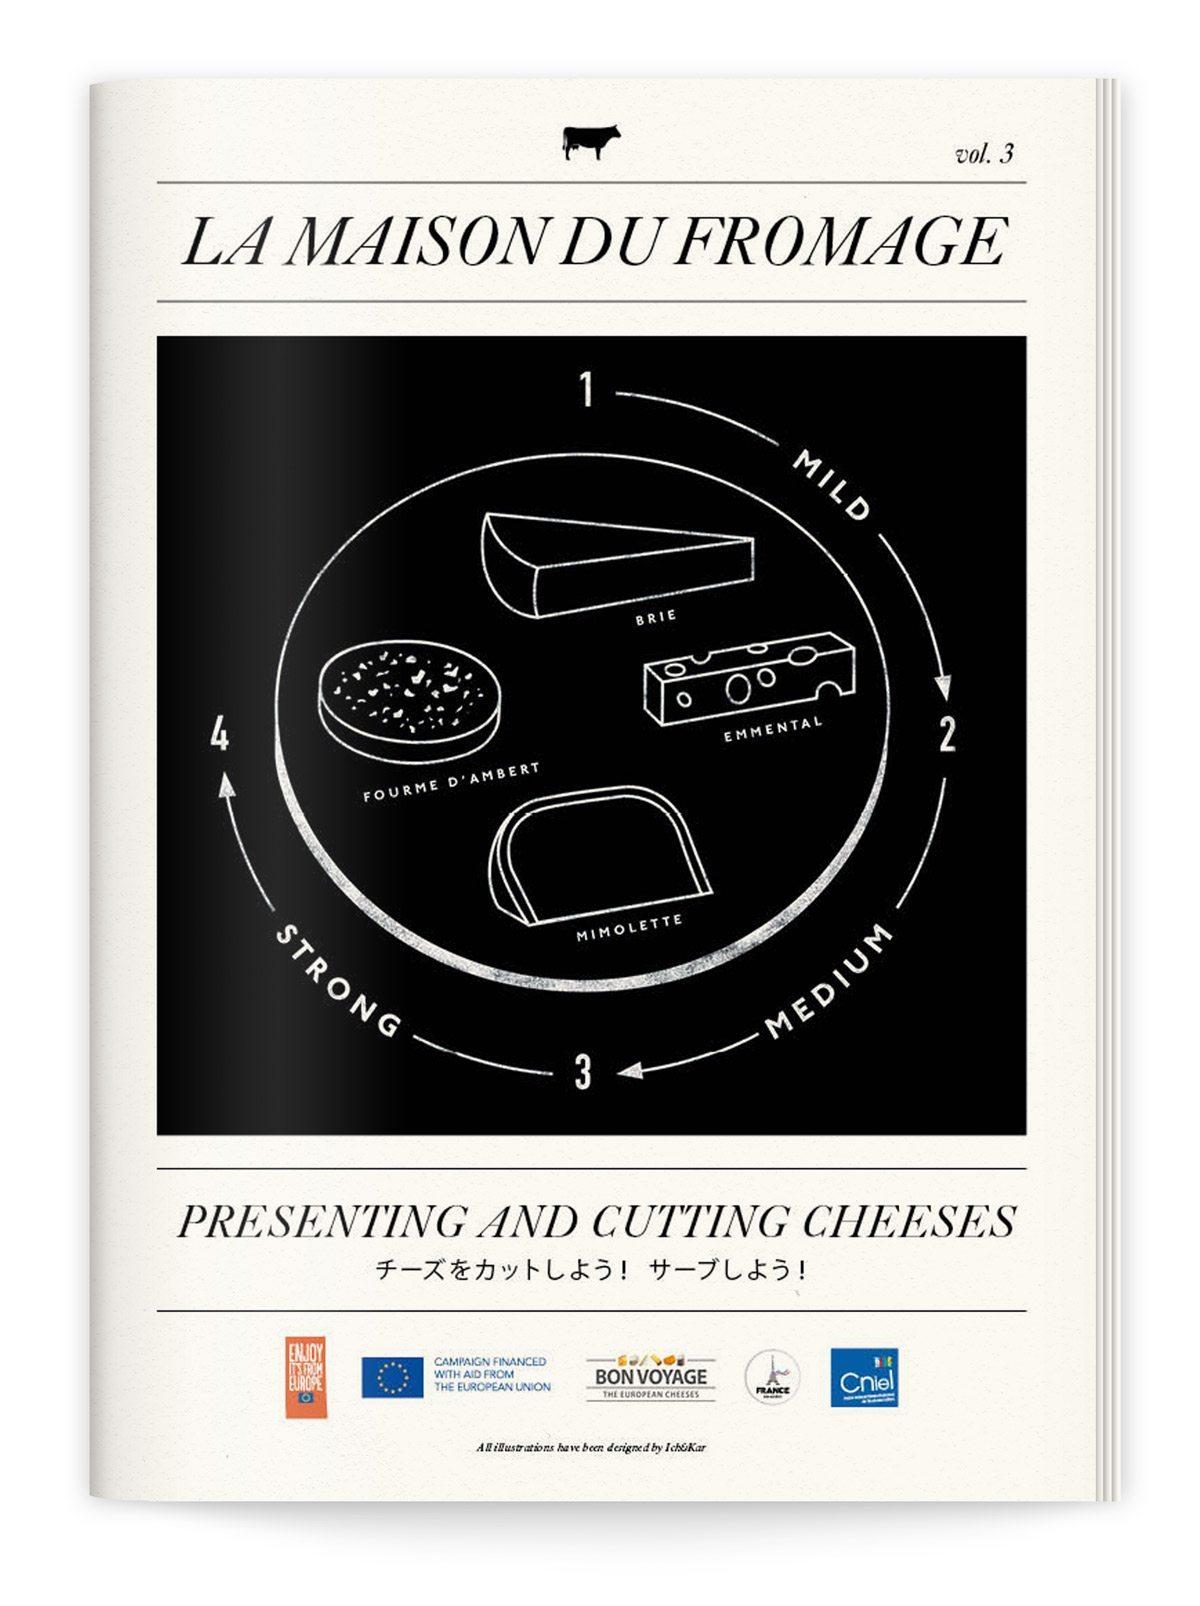 maison-du-fromage_tokyo_fascicule_couverture_2